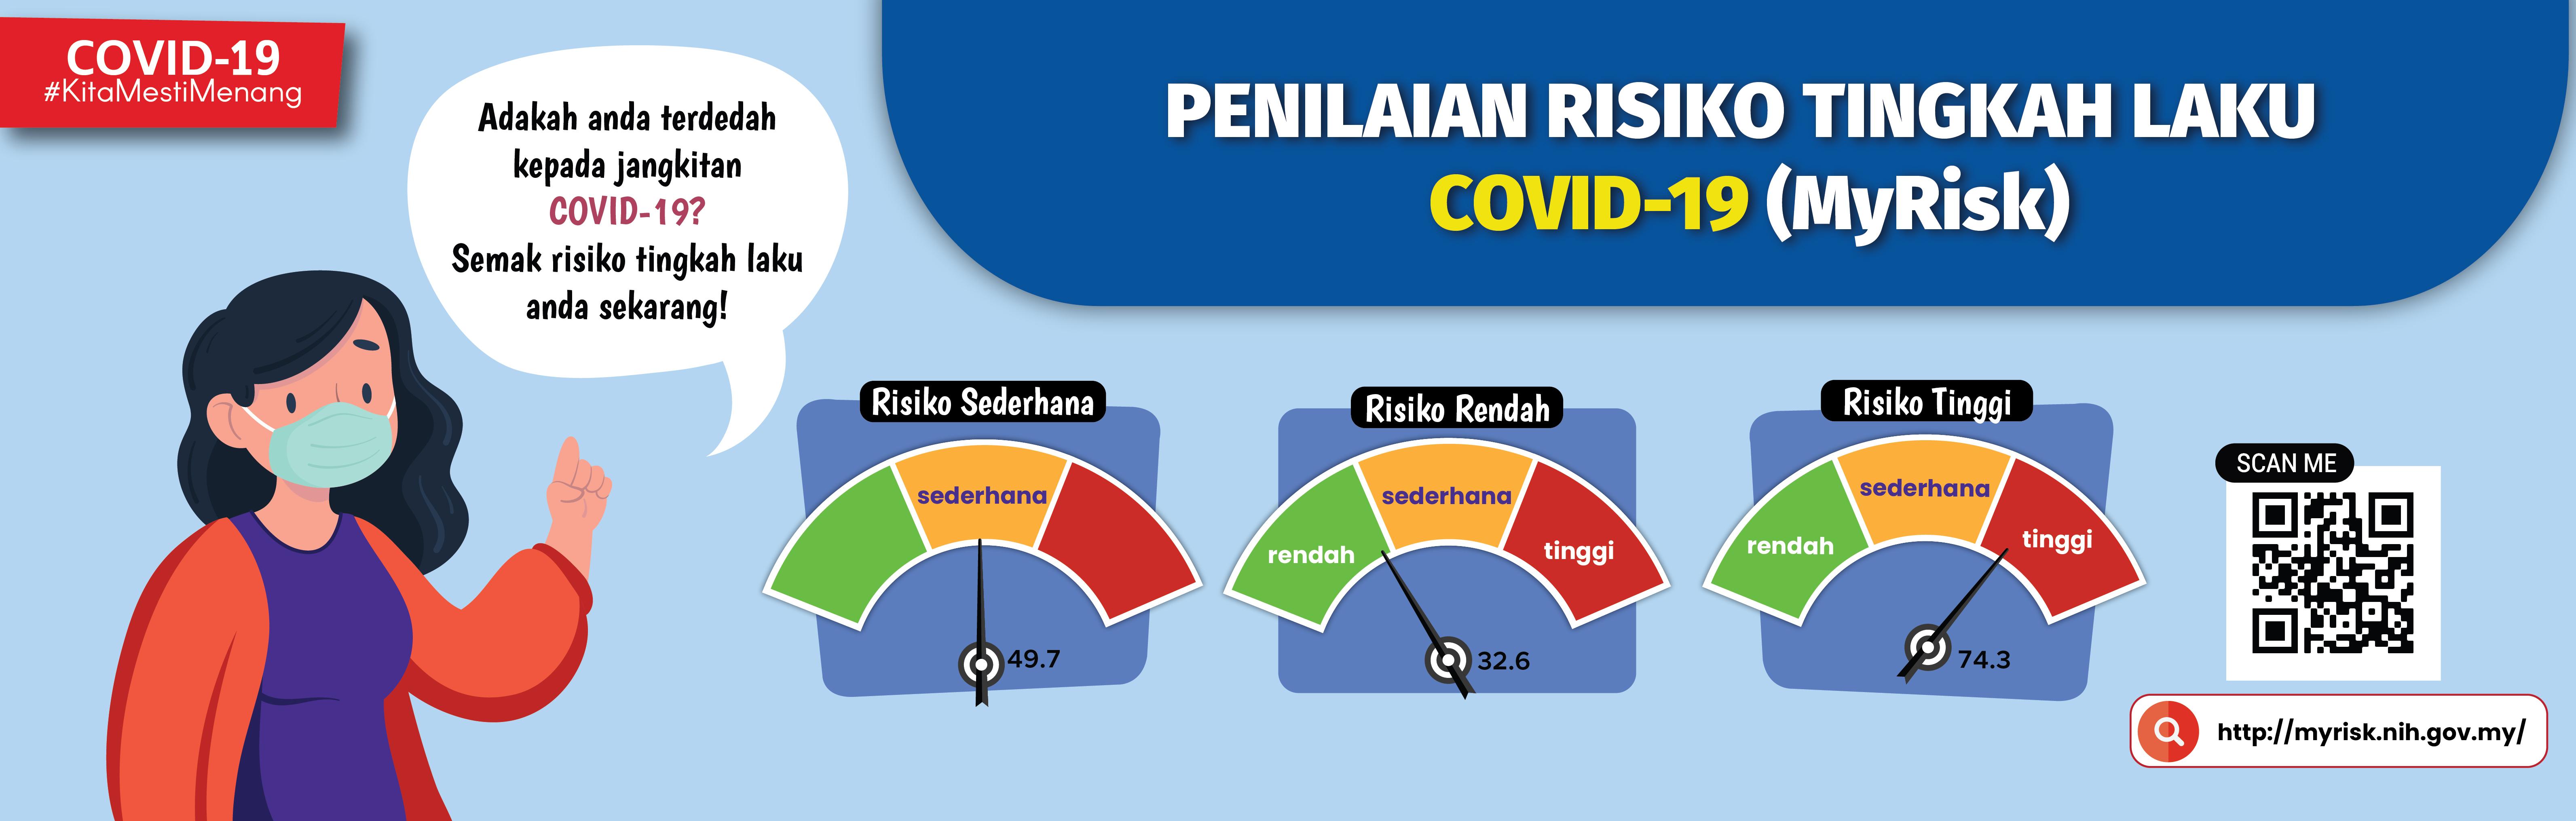 penilaian_risiko_tingkah_laku_covid19_myrisk-01